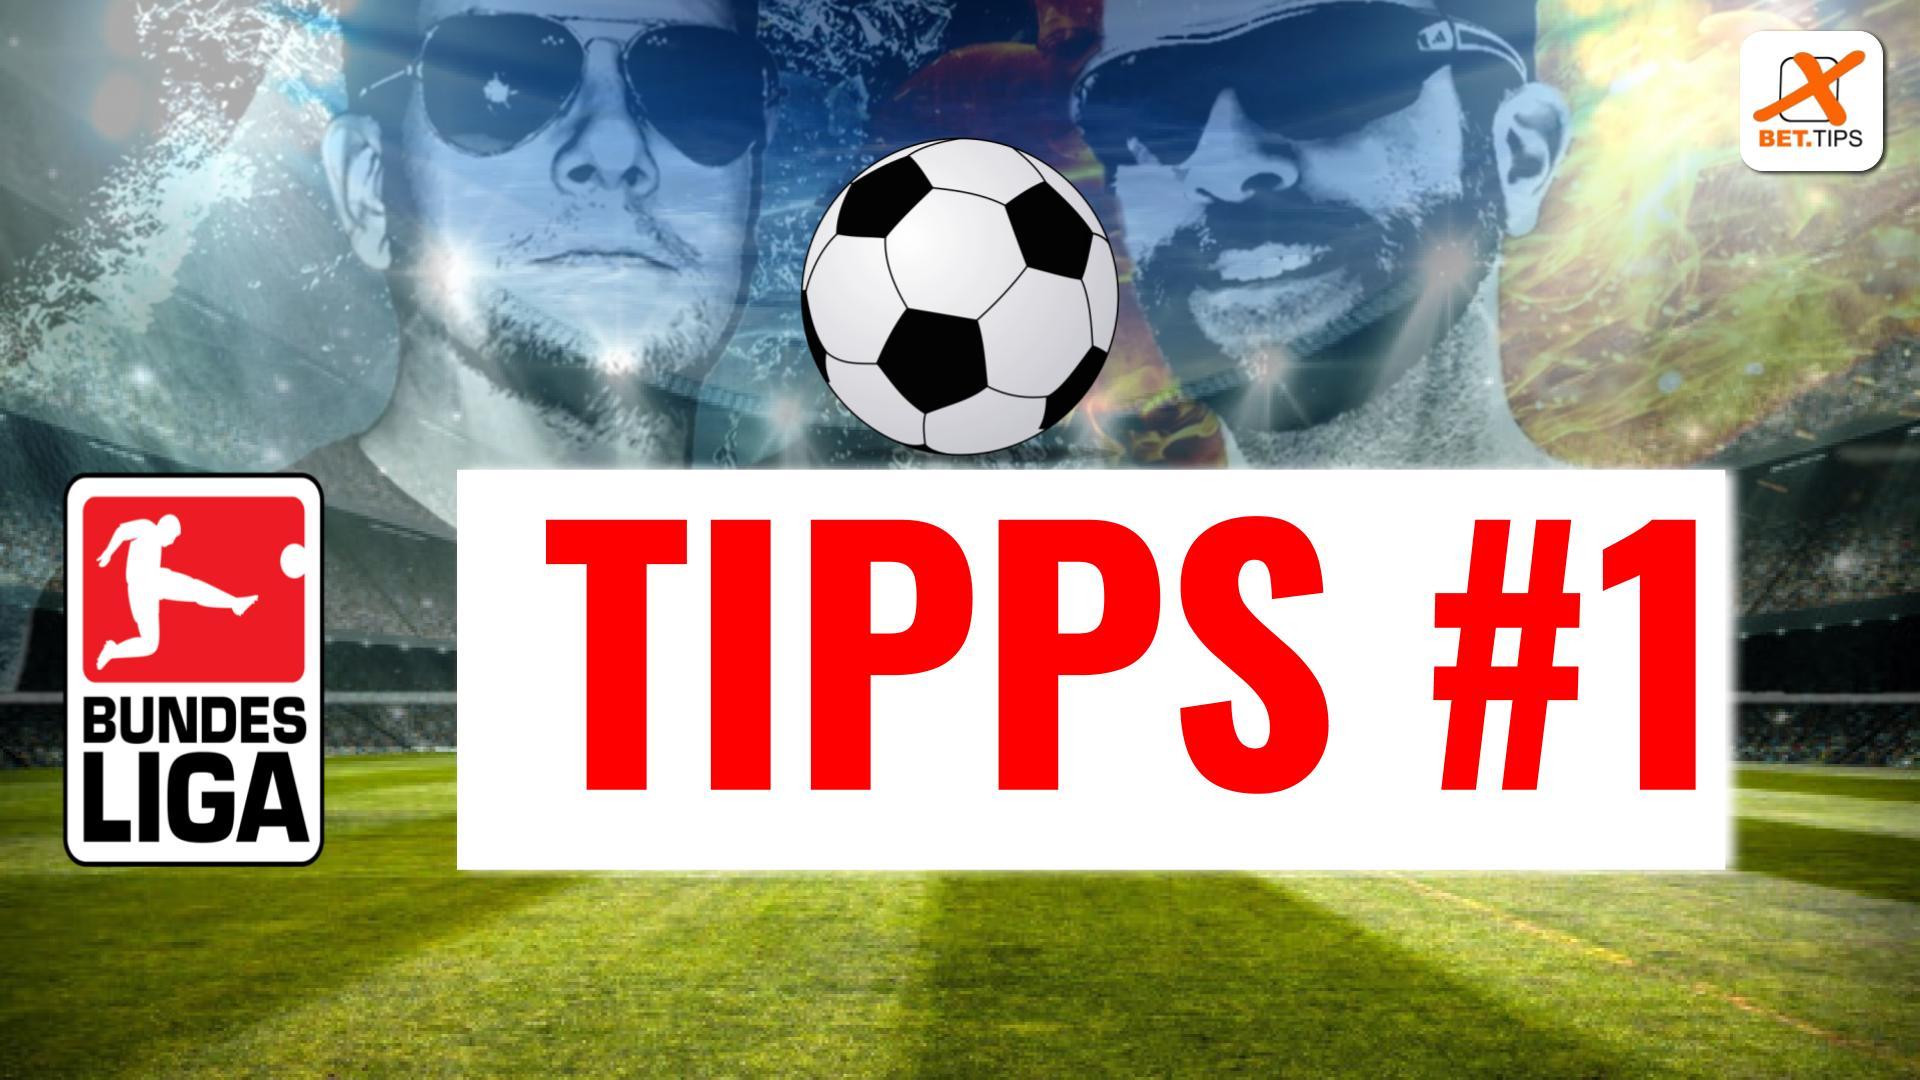 Bundesliga Tipps - 1. Spieltag 2019/2020